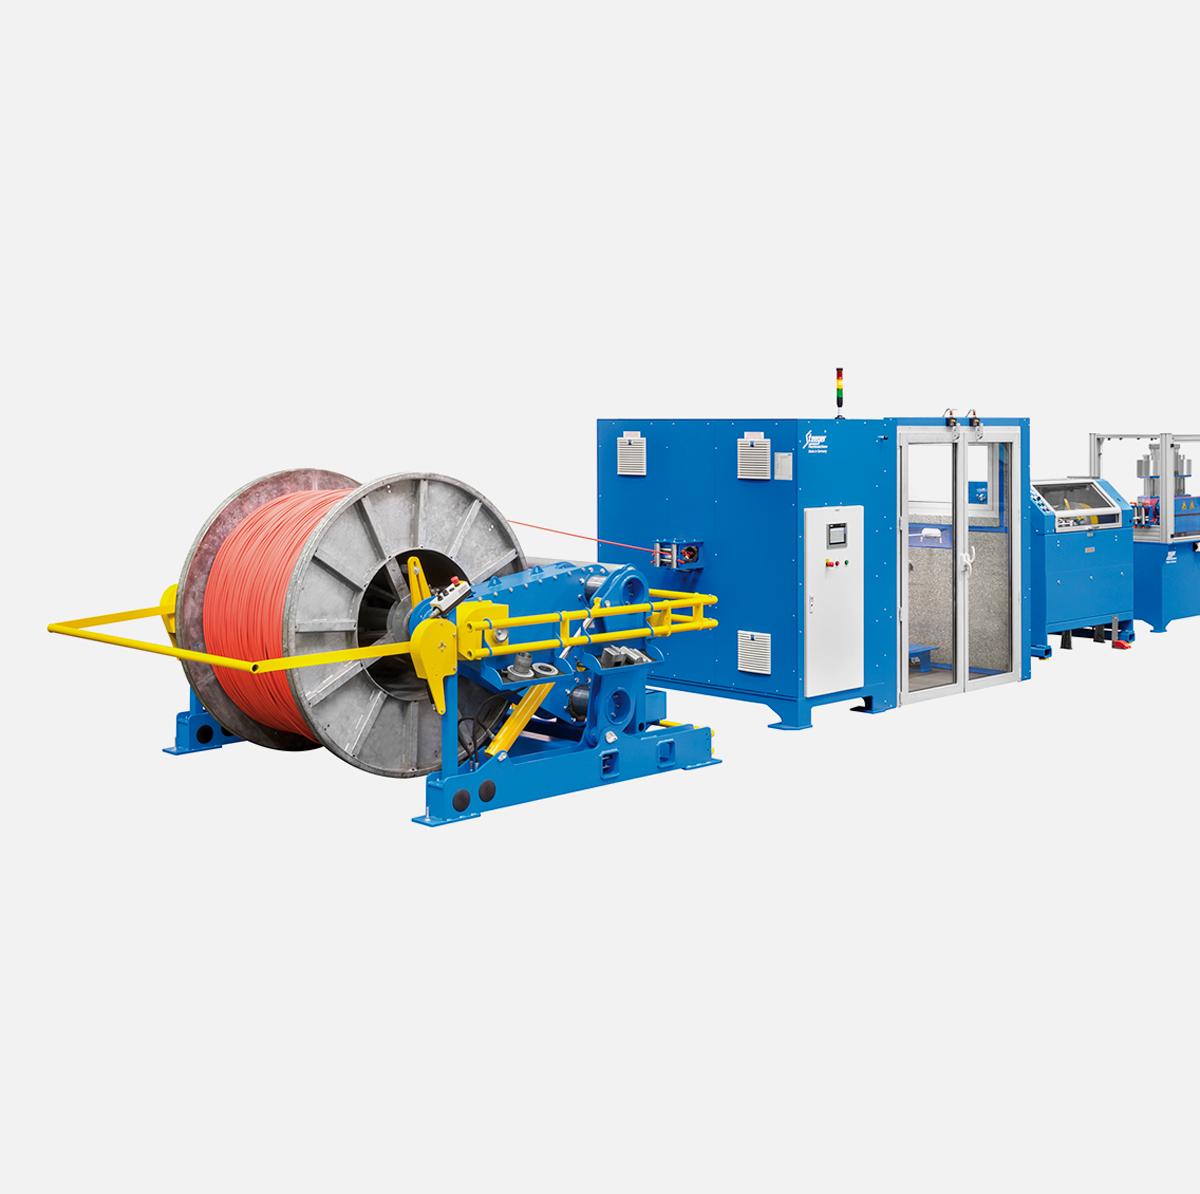 steeger-flechtmaschinen-wuppertal-leistungen-drahttechnik-maschine